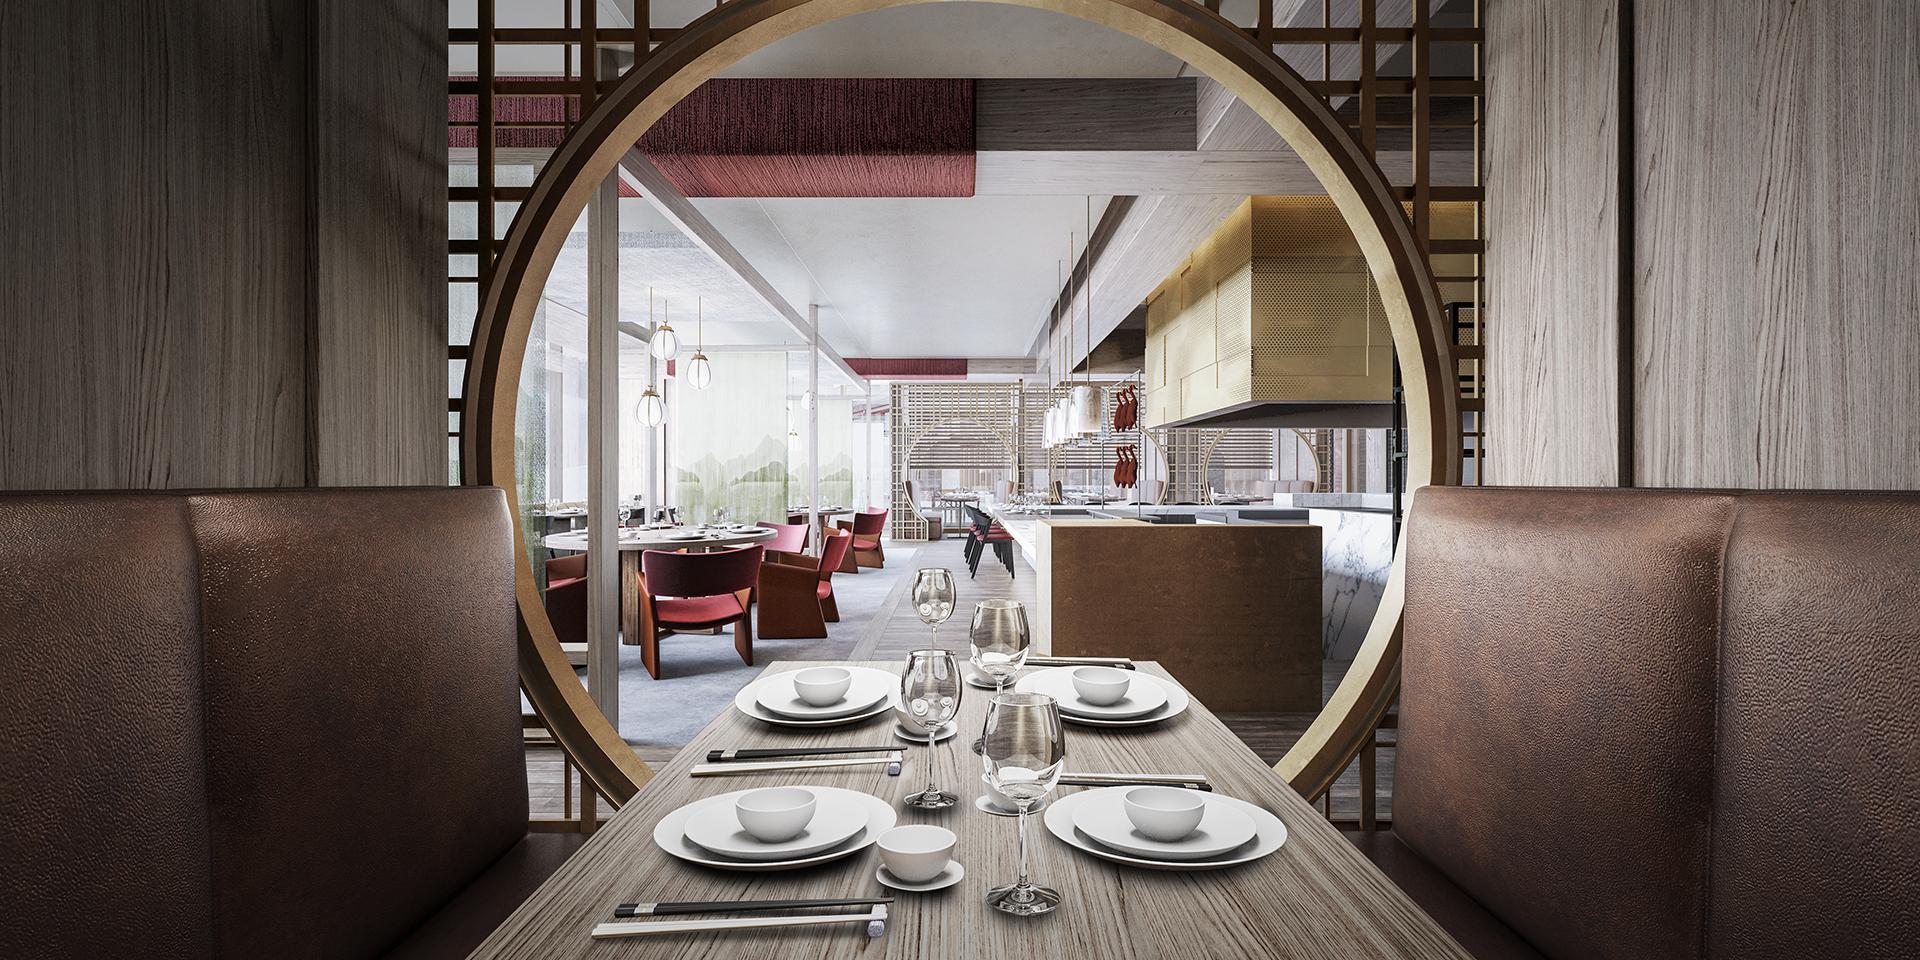 Park Hyatt Niseko by BAR Studio